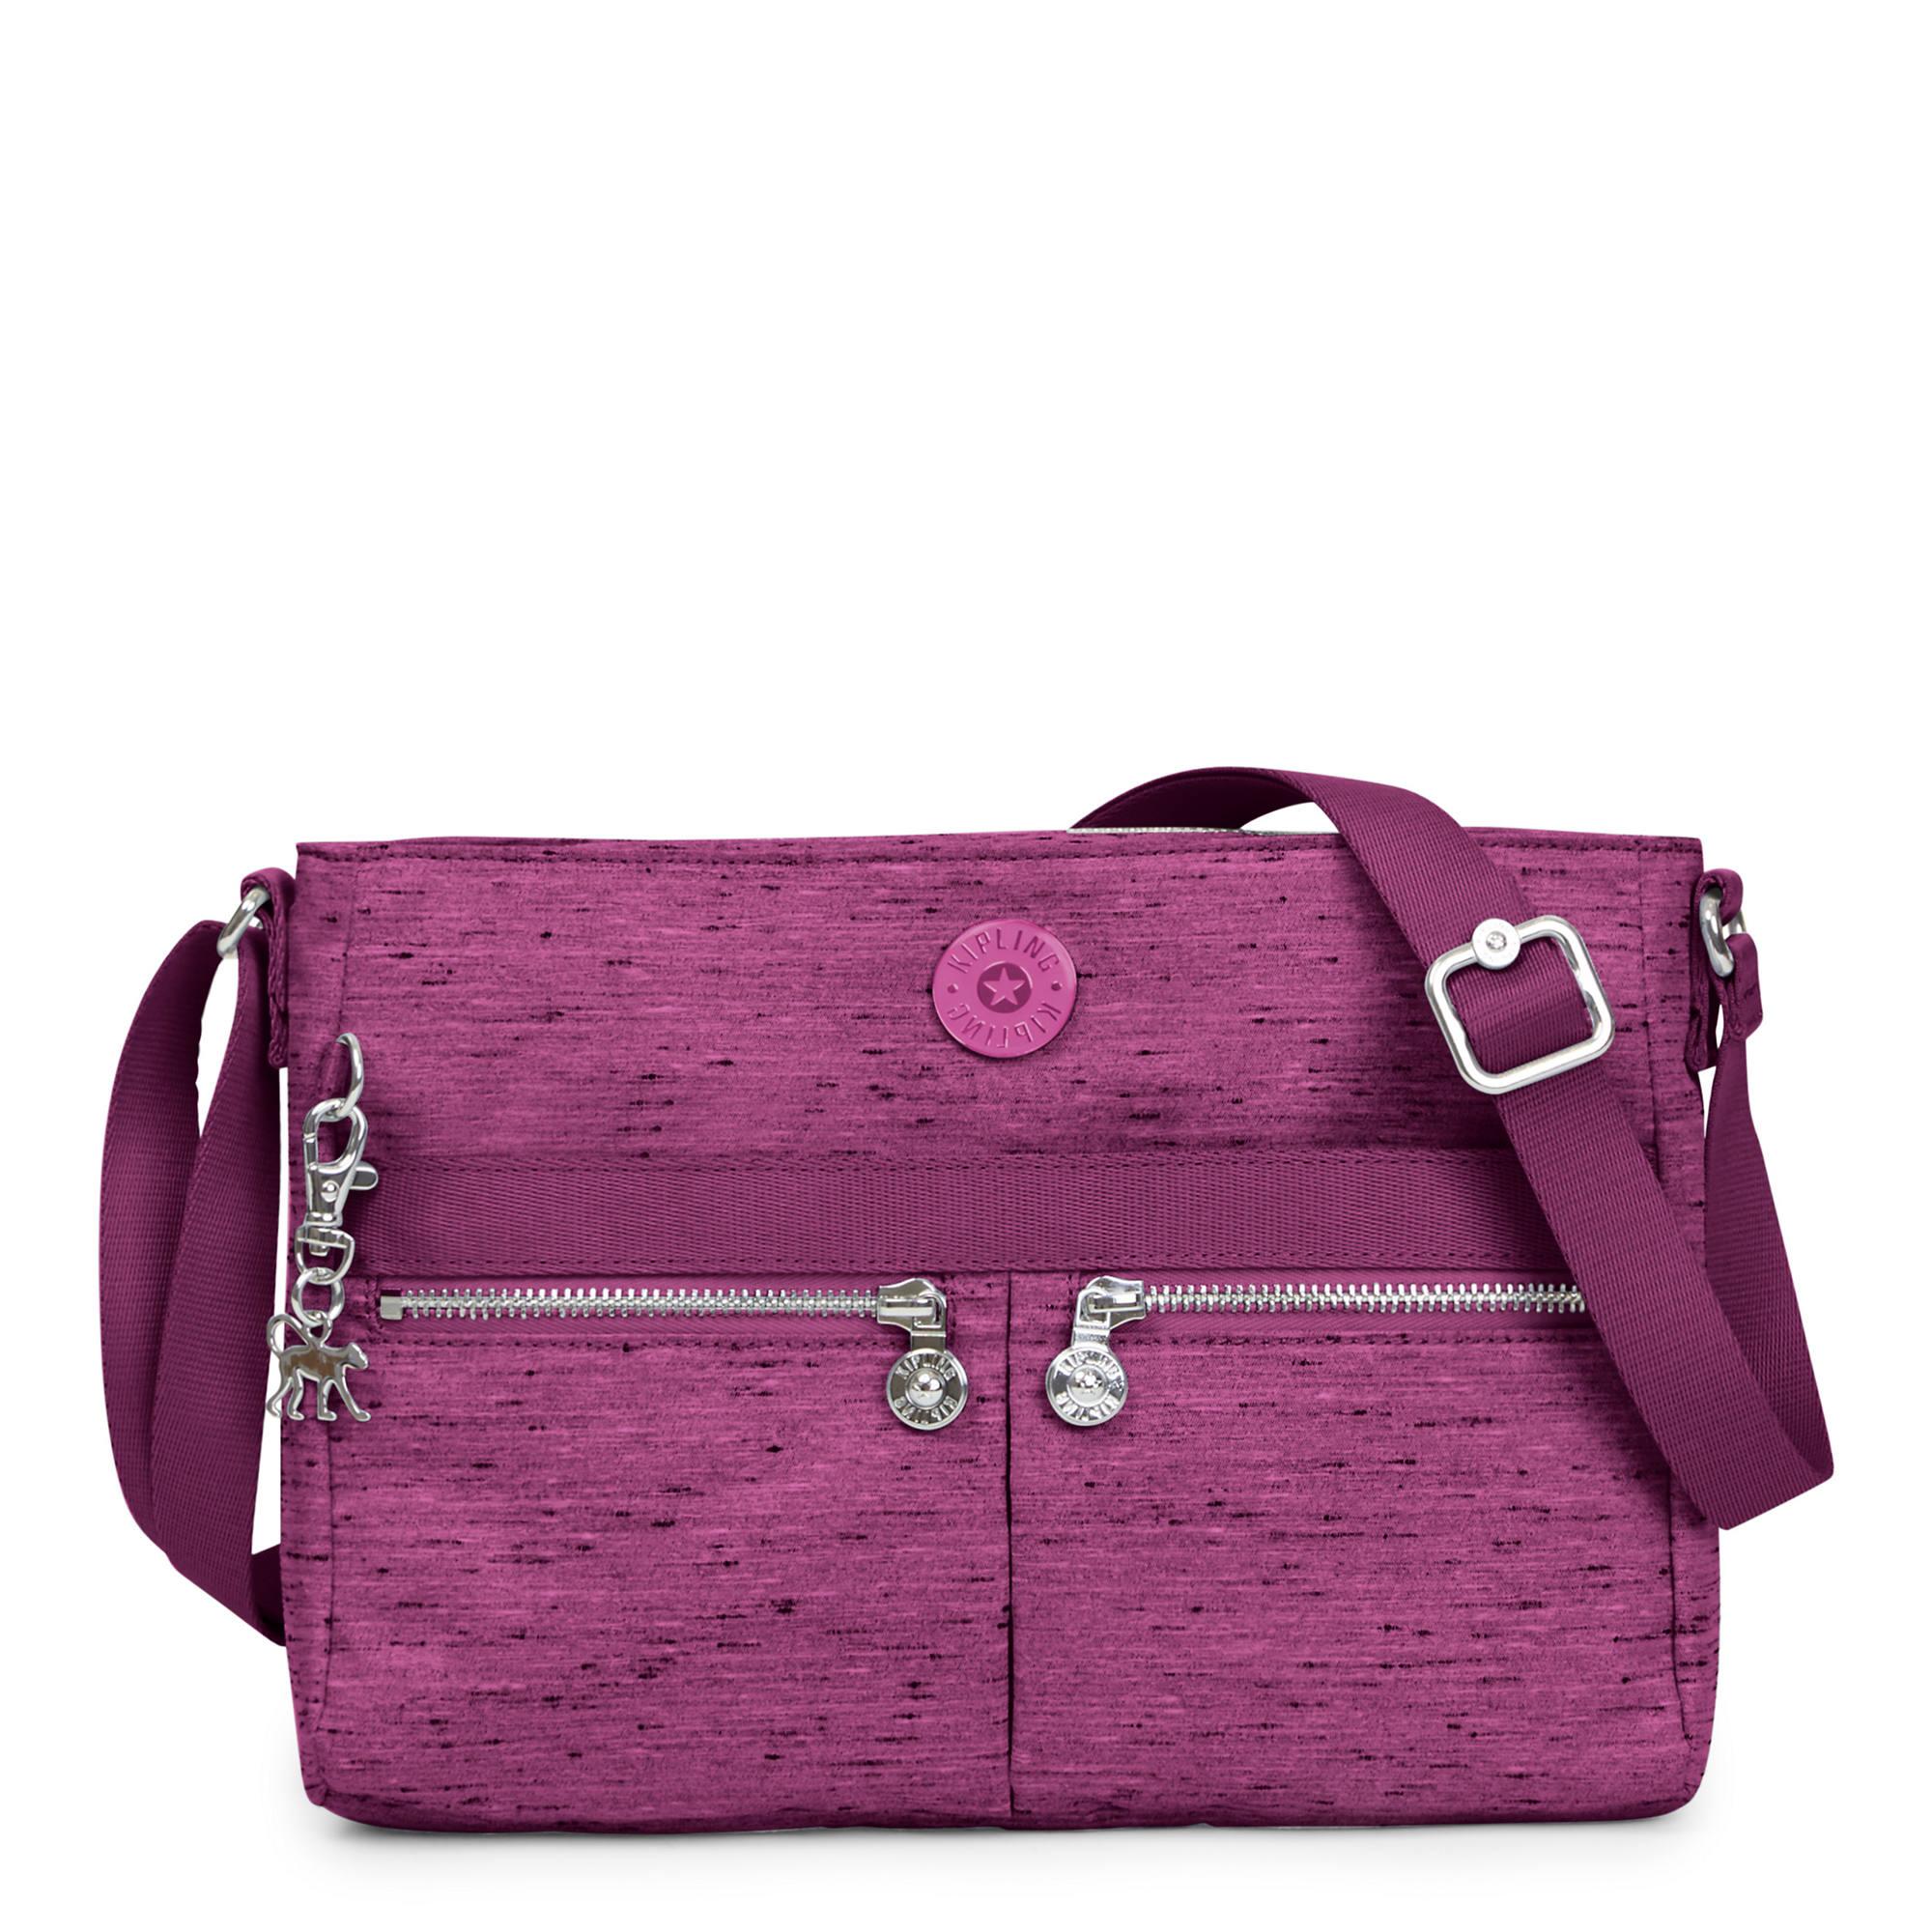 Cute Designer Bags Bags More